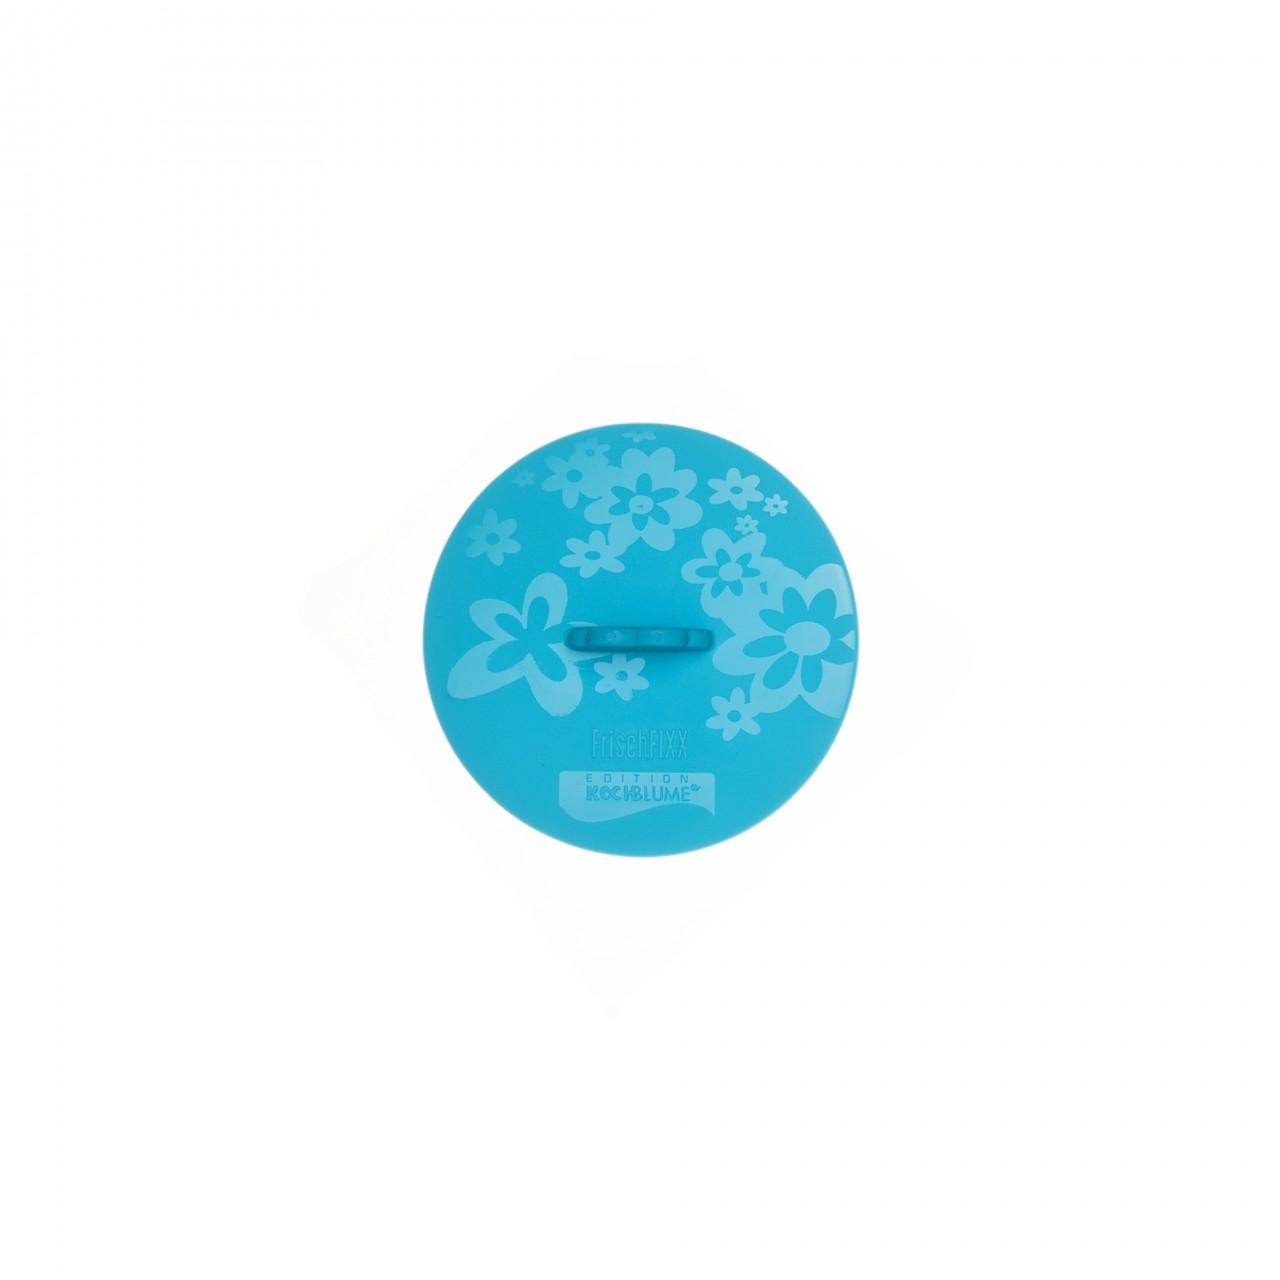 Frischfixx Silikondeckel 9 cm